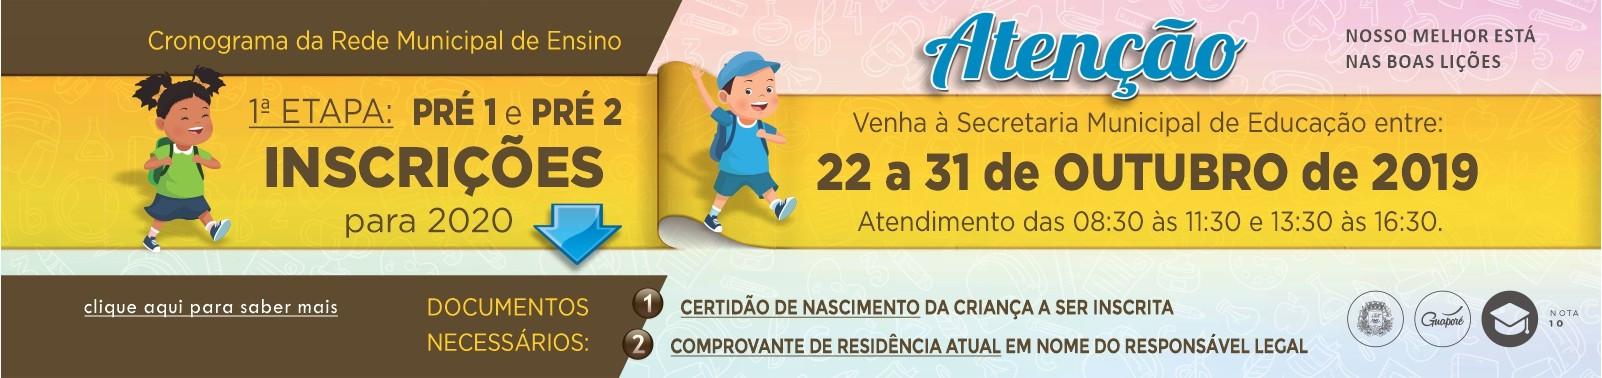 Banner 2 - Inscrições Pré Escola 2020 - 2